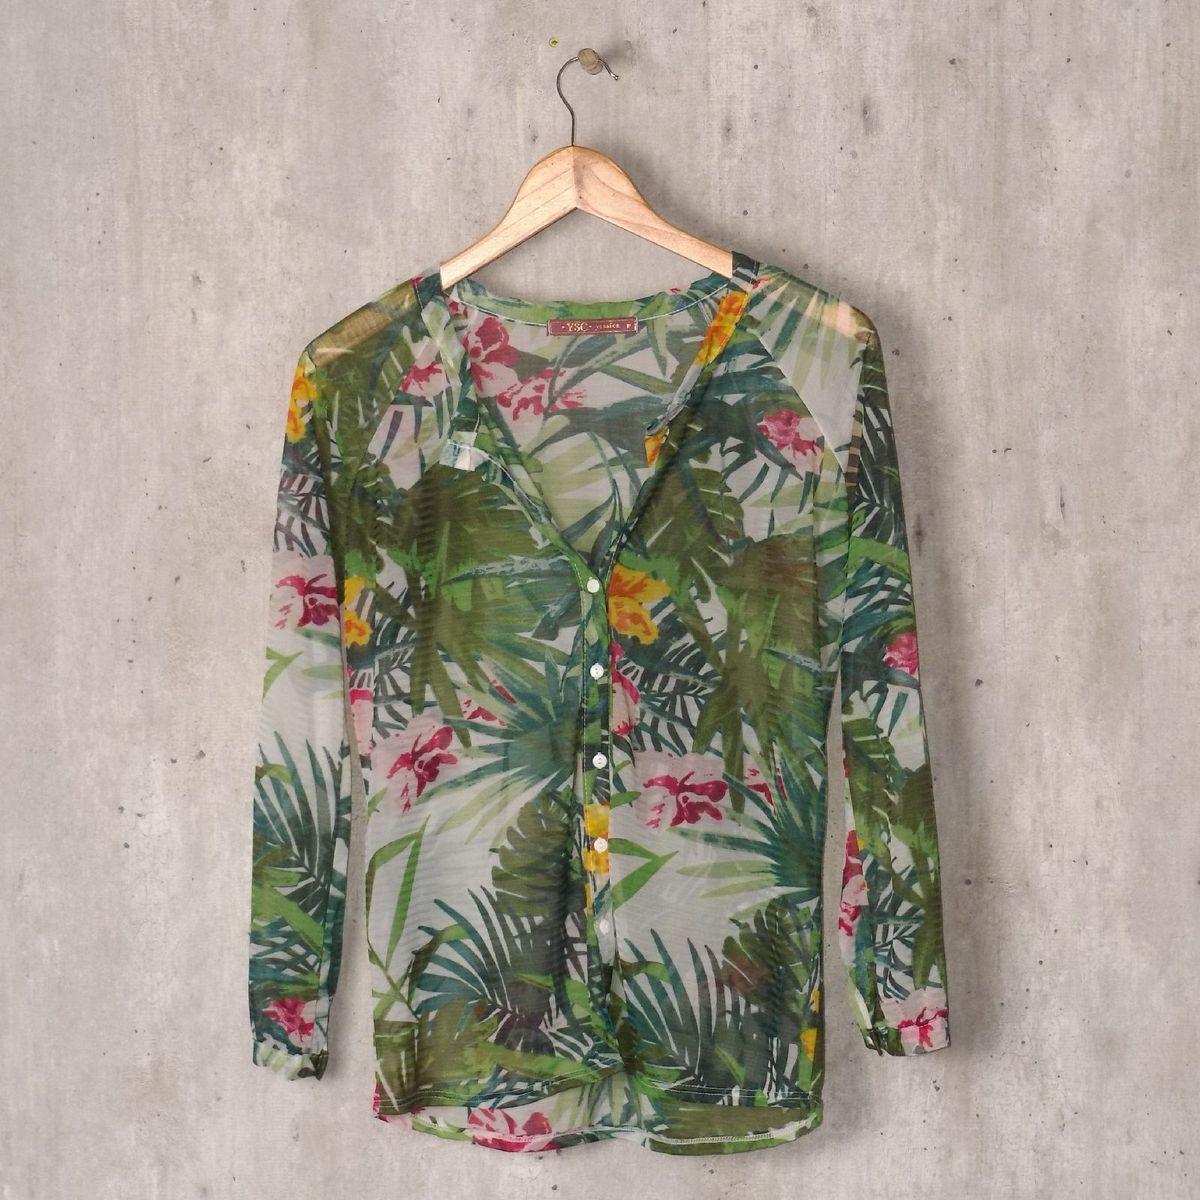 camisa tule natureza transparência - camisas yessica